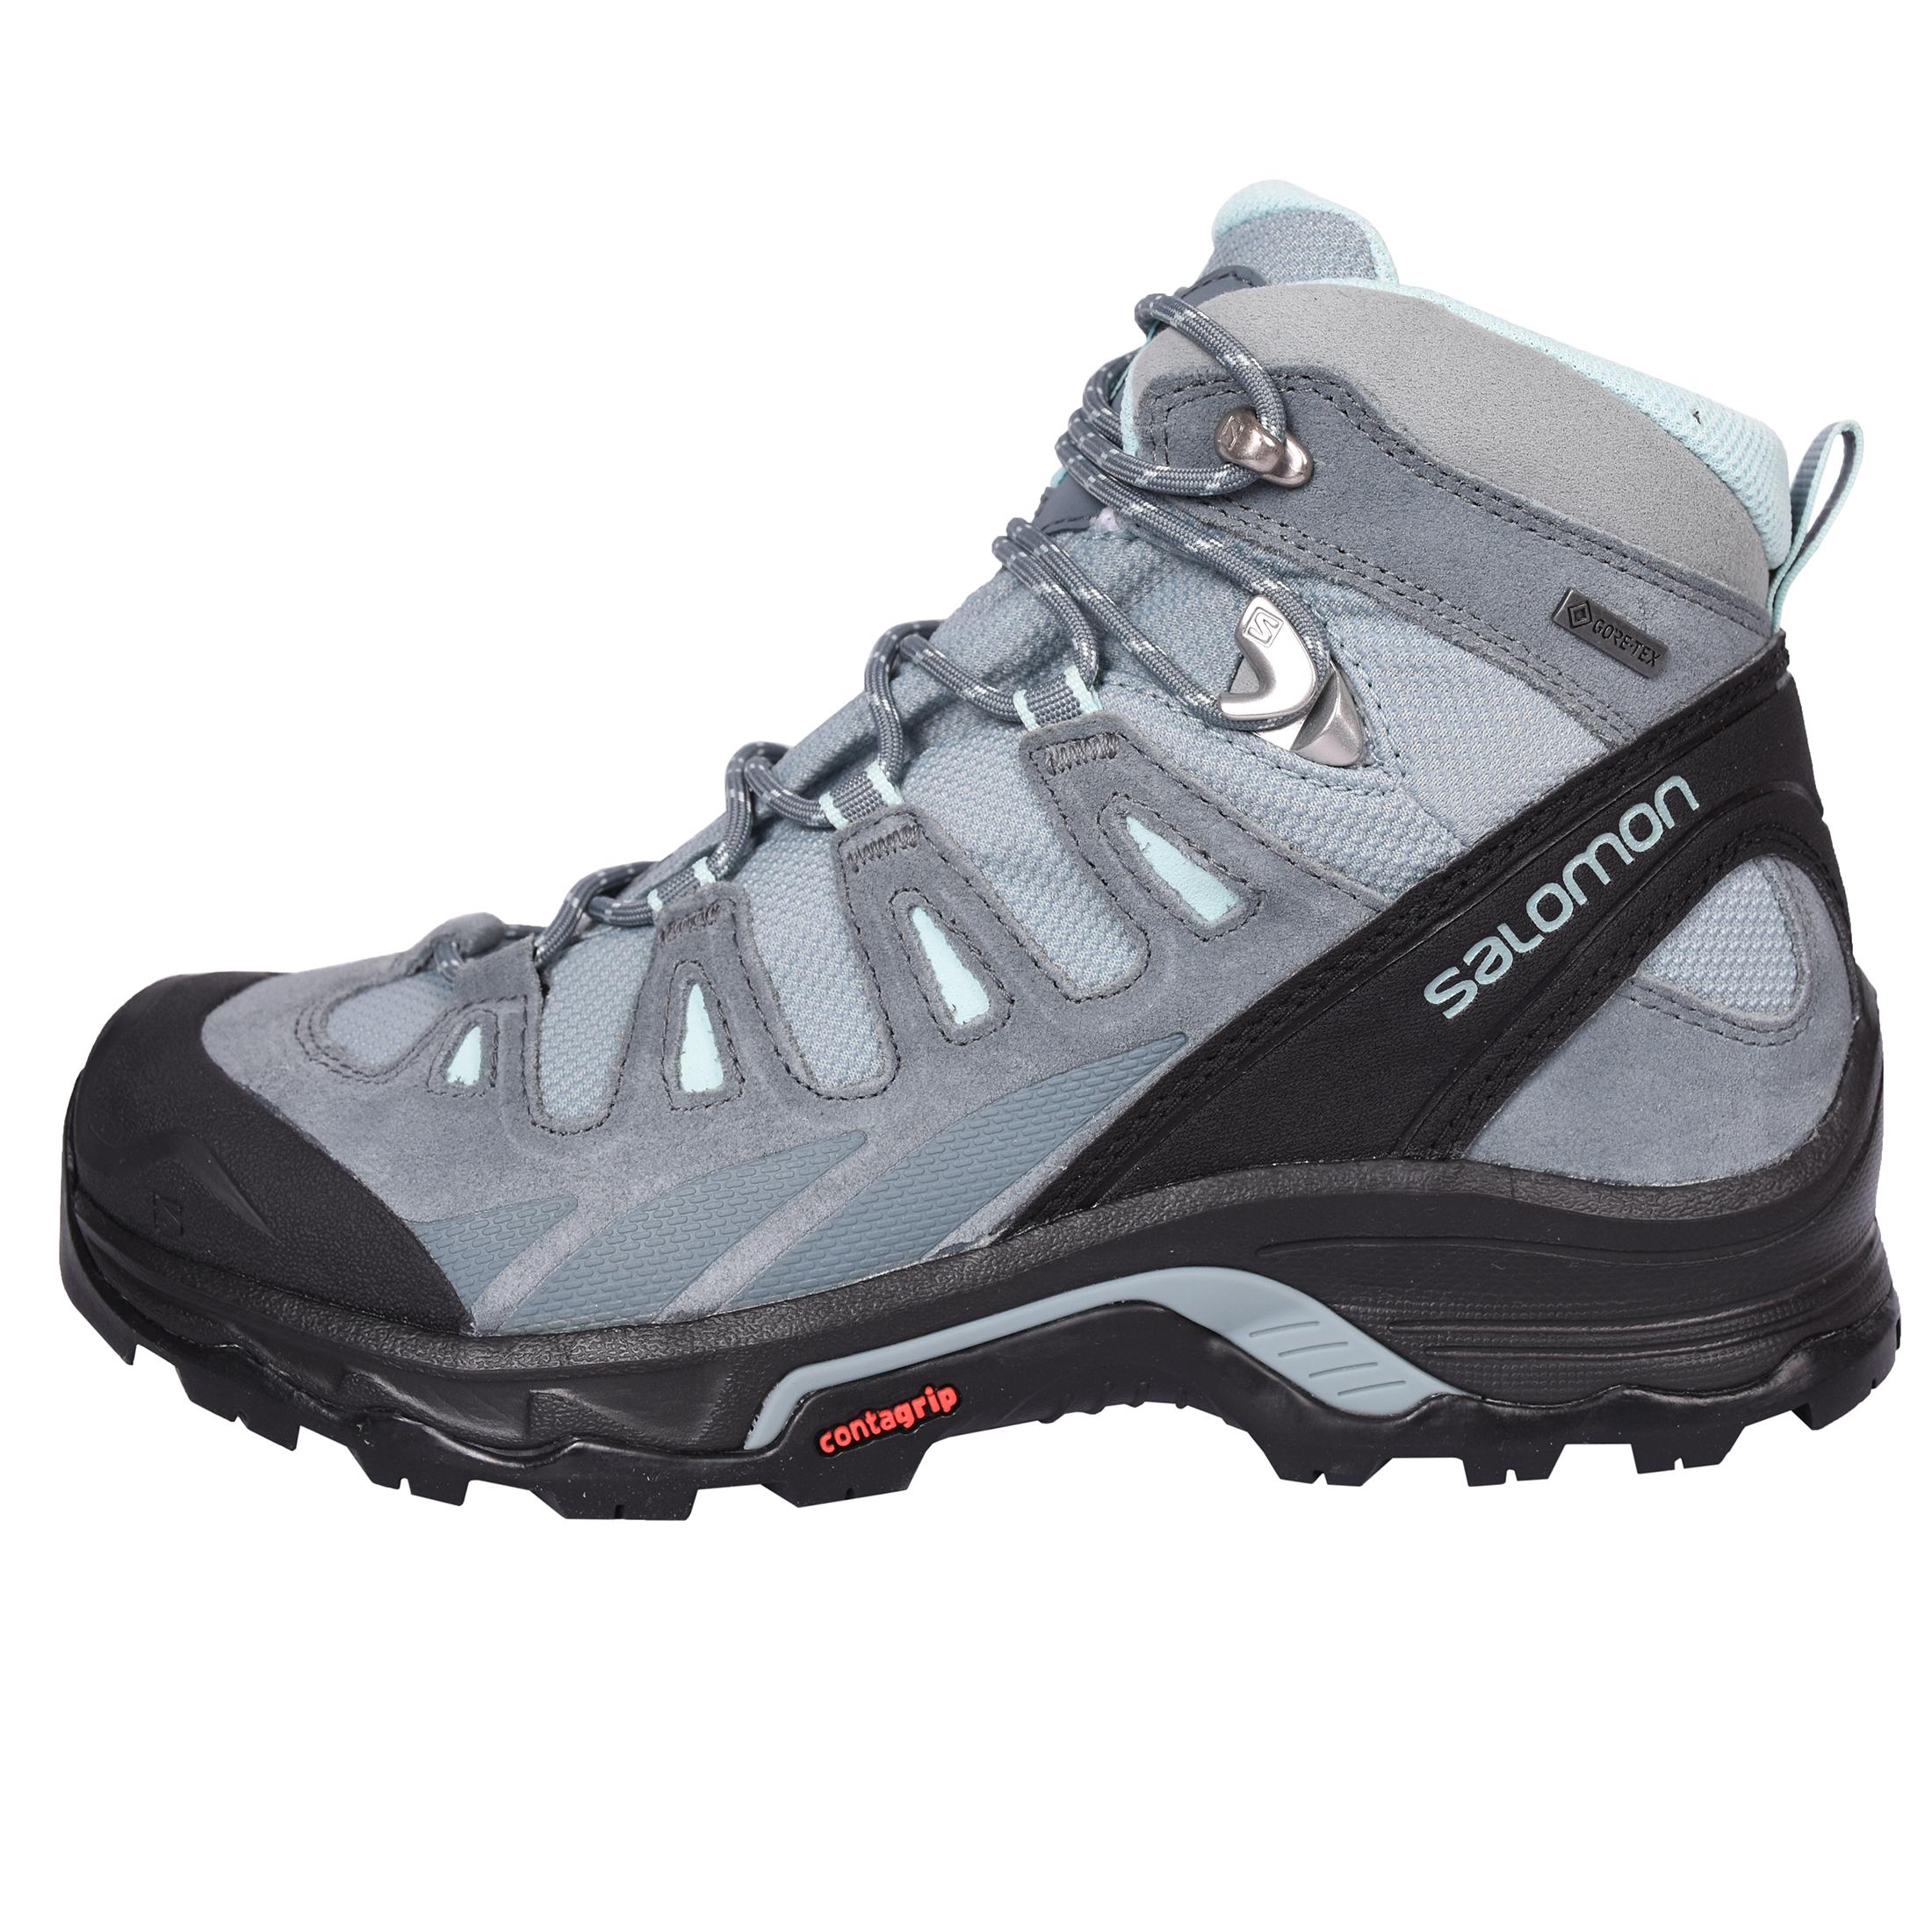 کفش کوهنوردی زنانه سالومون مدل 404636 MT